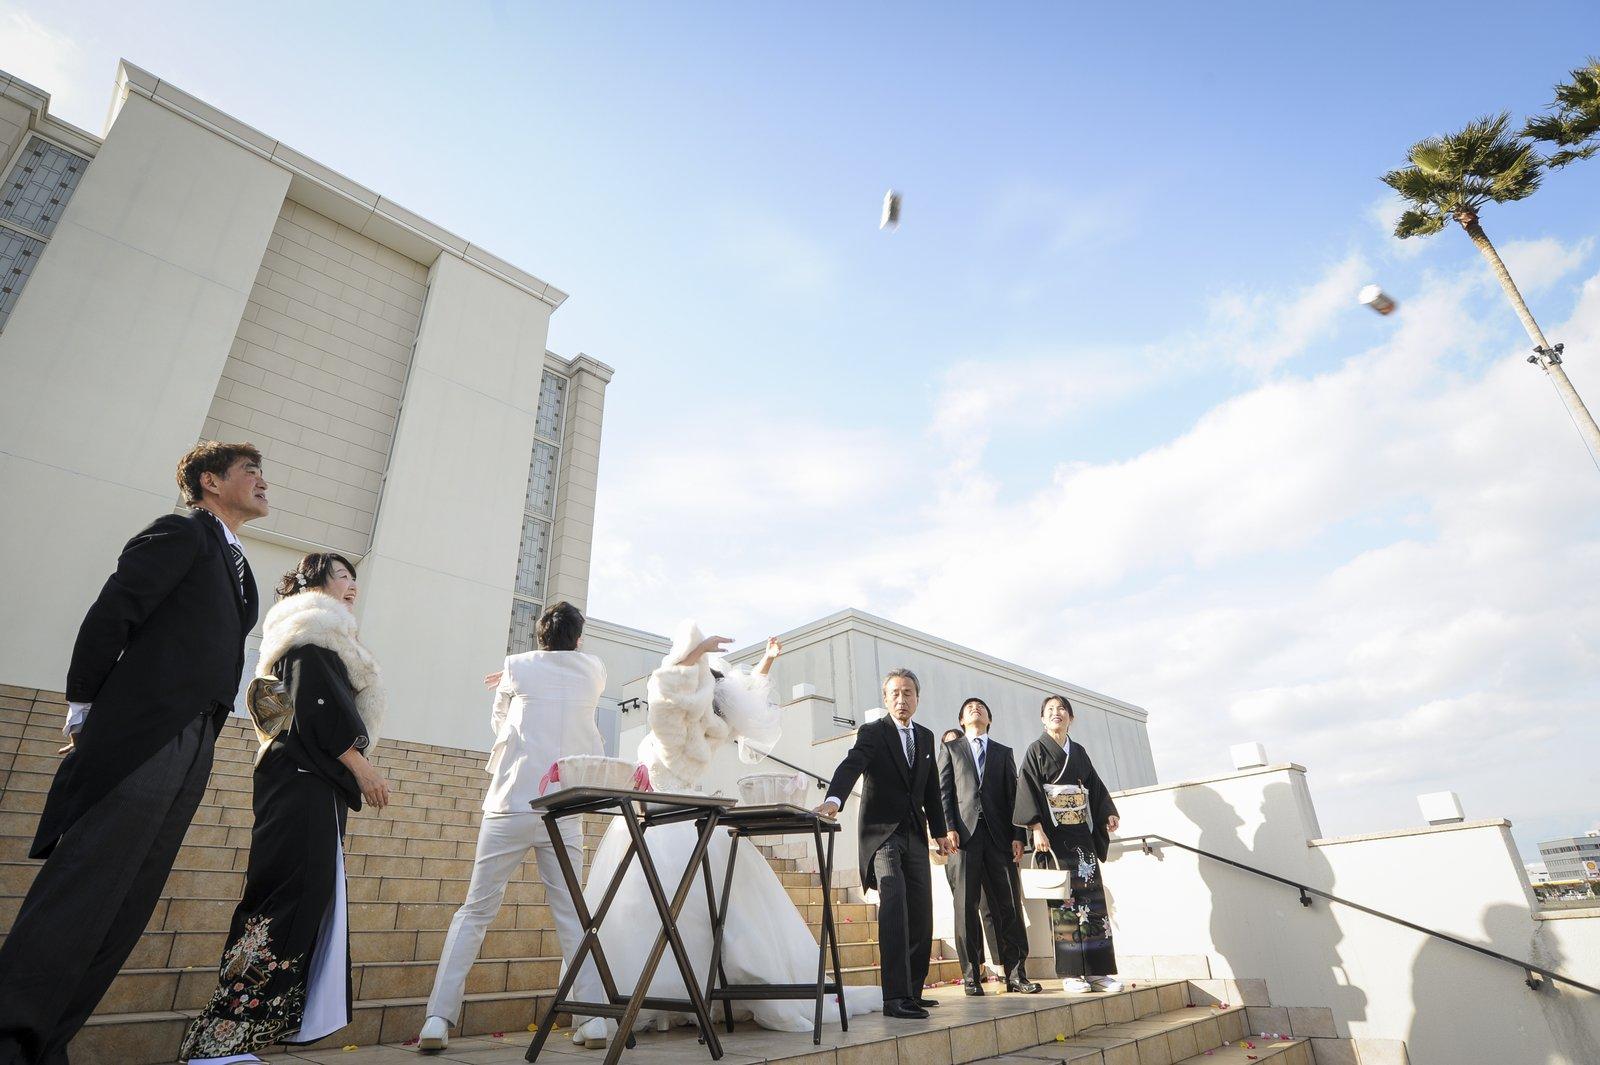 徳島市の結婚式場ブランアンジュで挙式後の大階段でゲスト参加で行う福巻きセレモニー